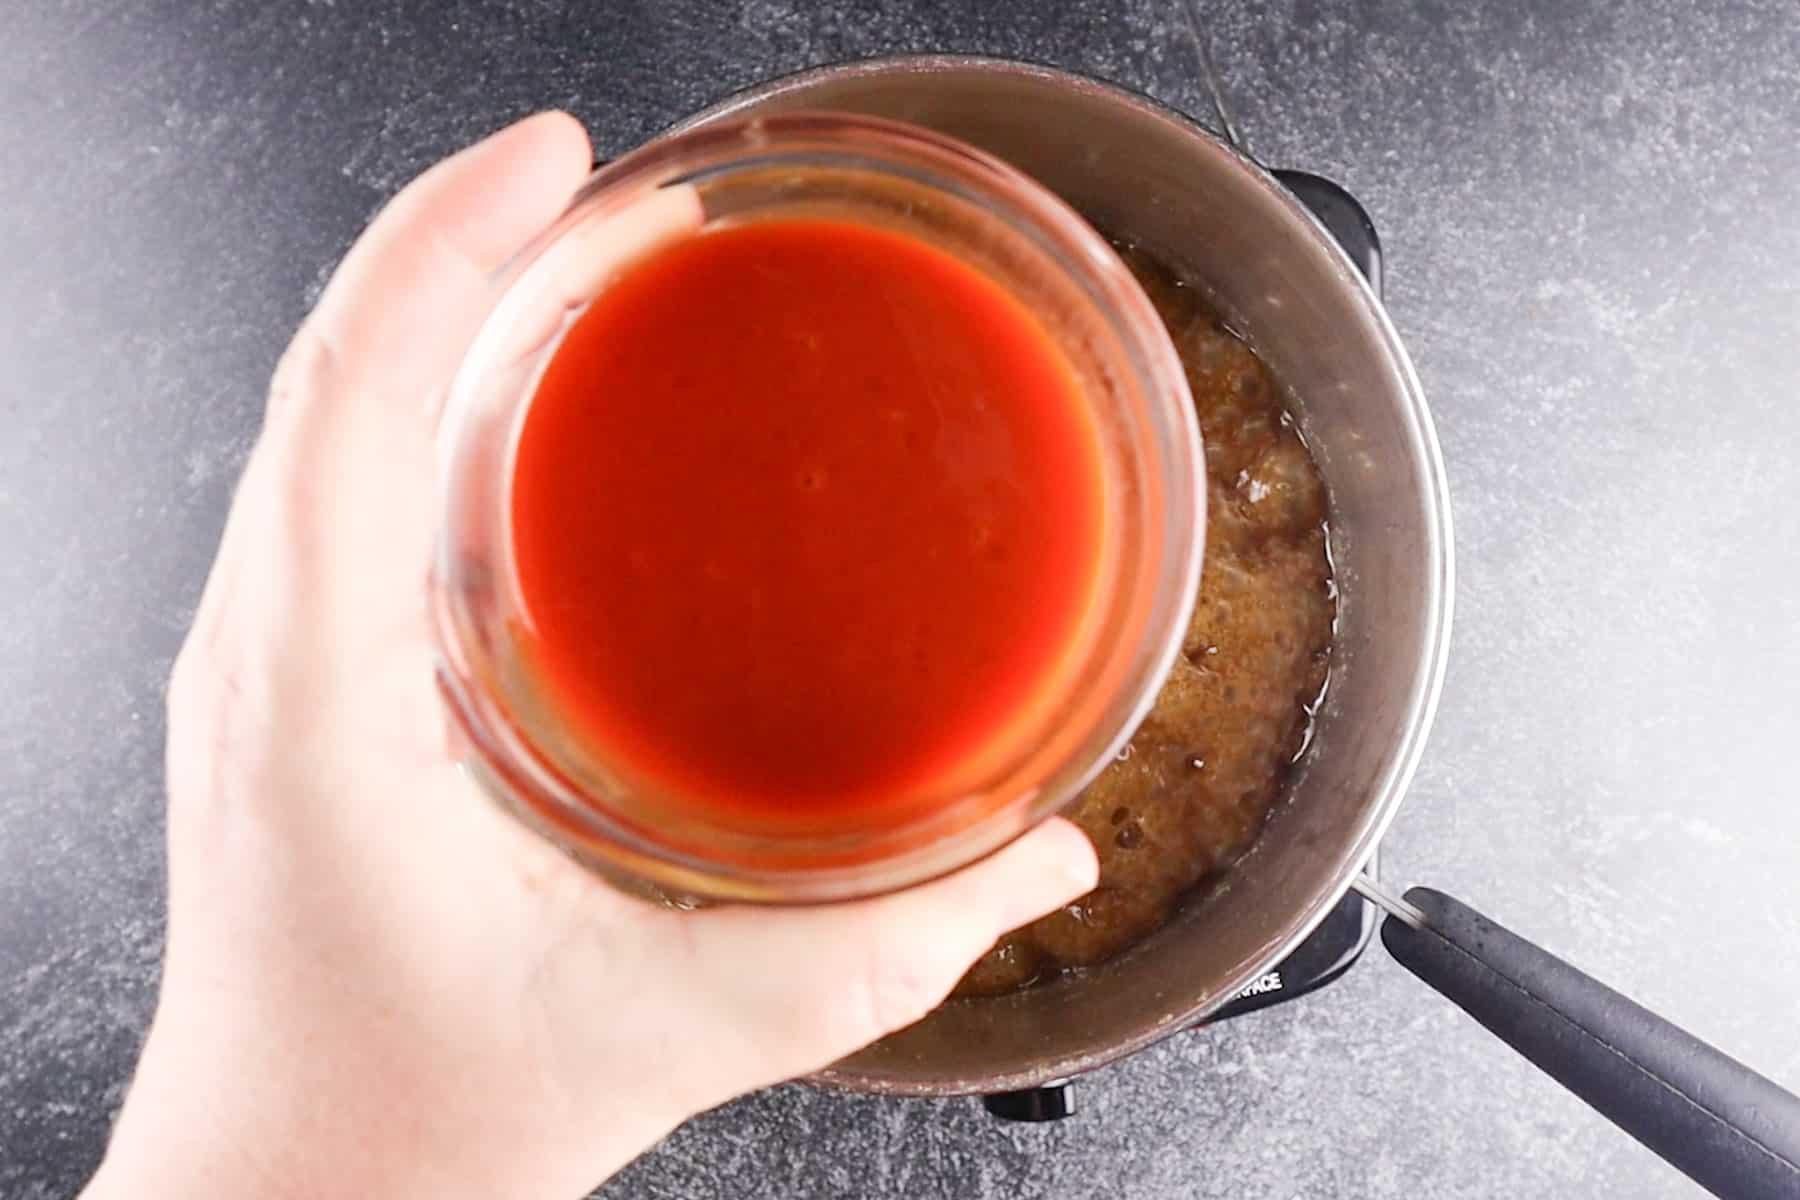 adding hot sauce to caramel